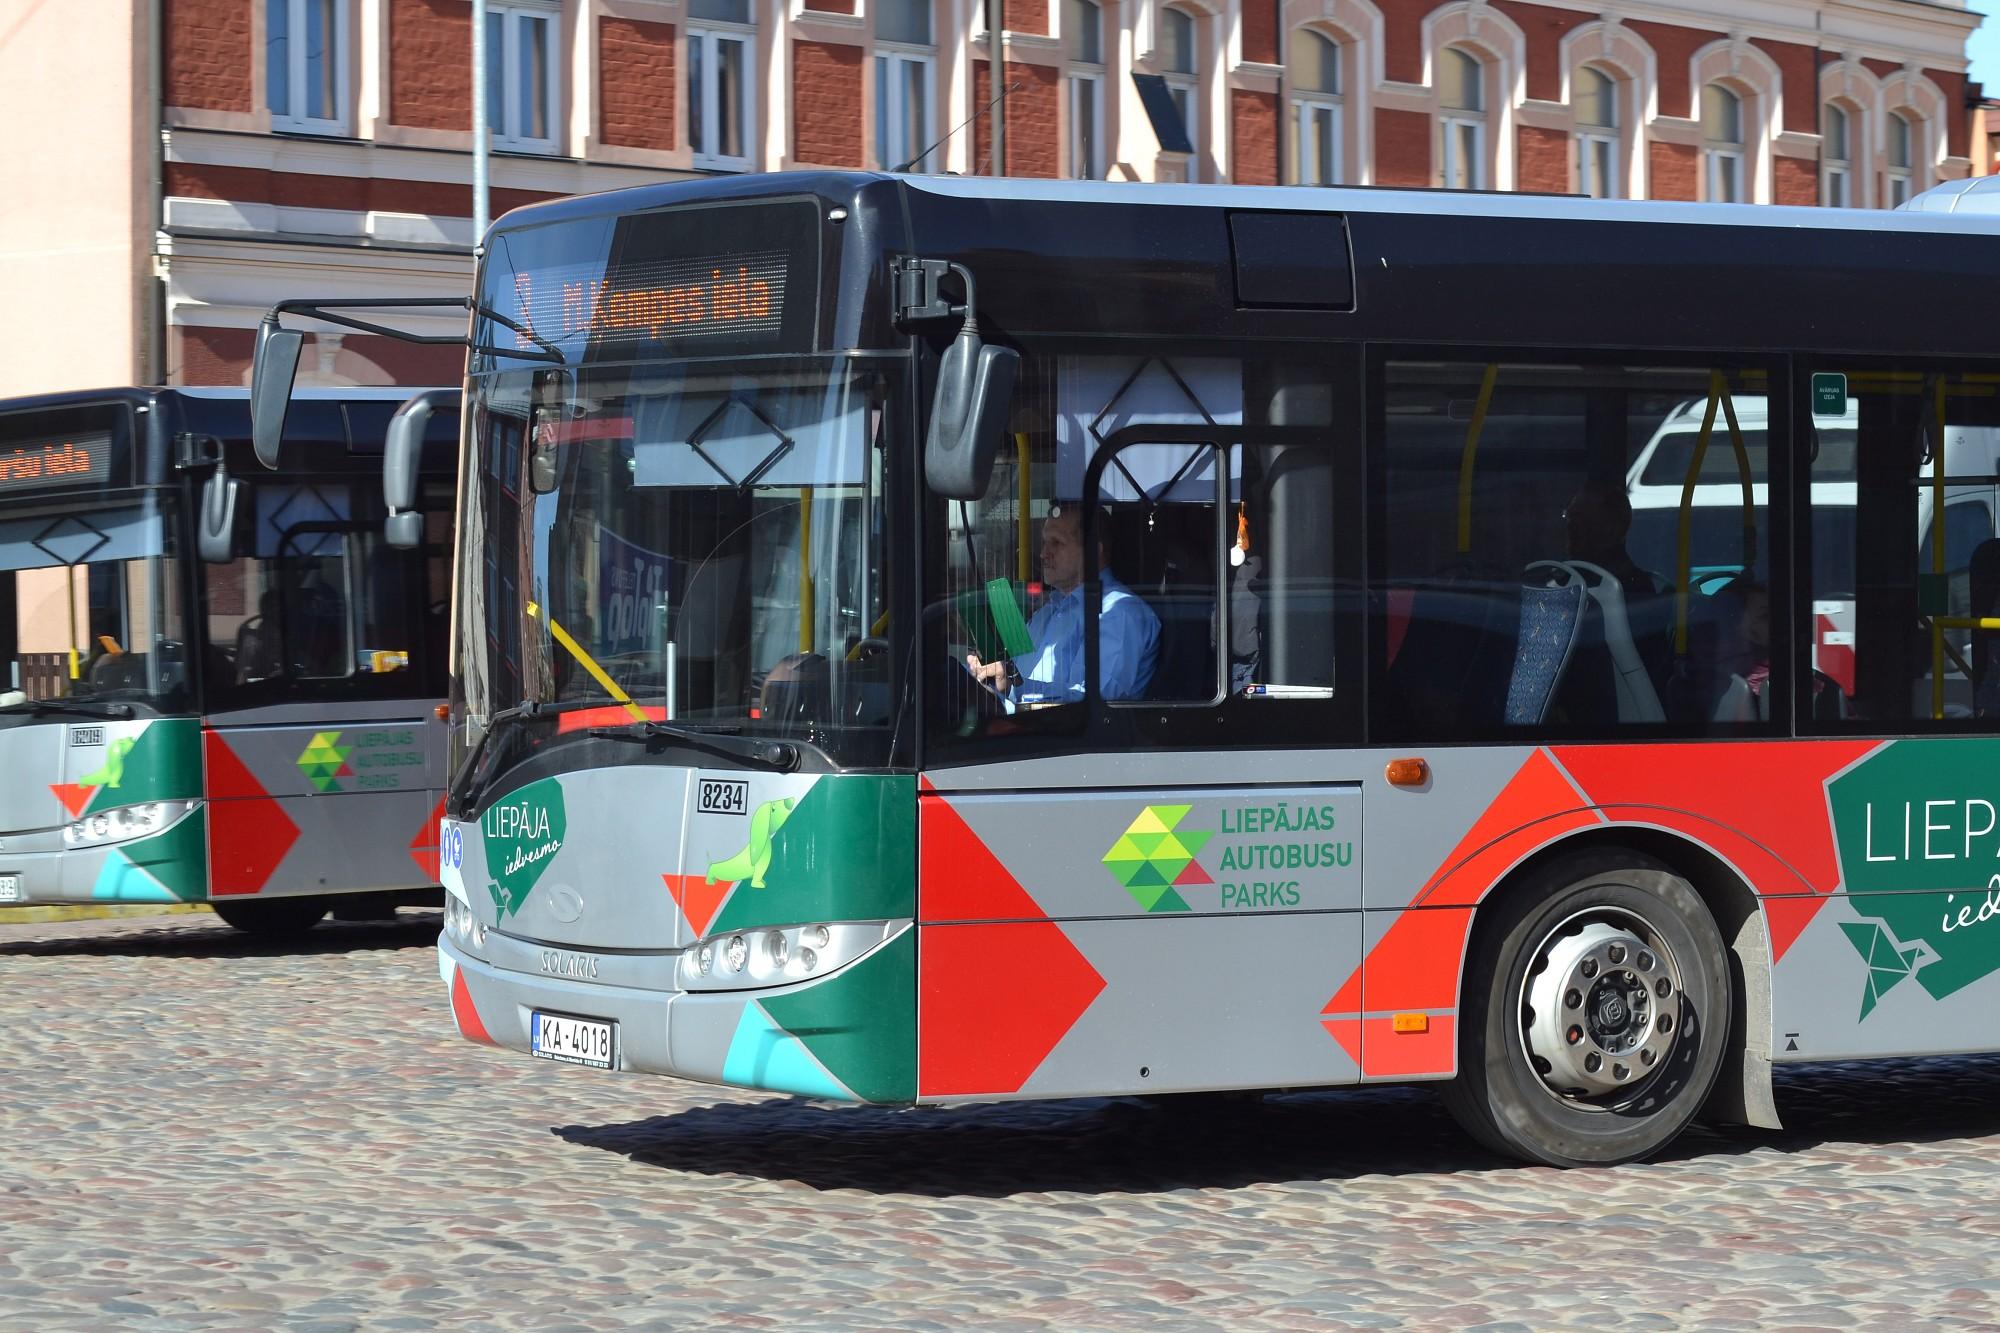 Autobusa vadītājs ziņo par apmaldījušos bērnu